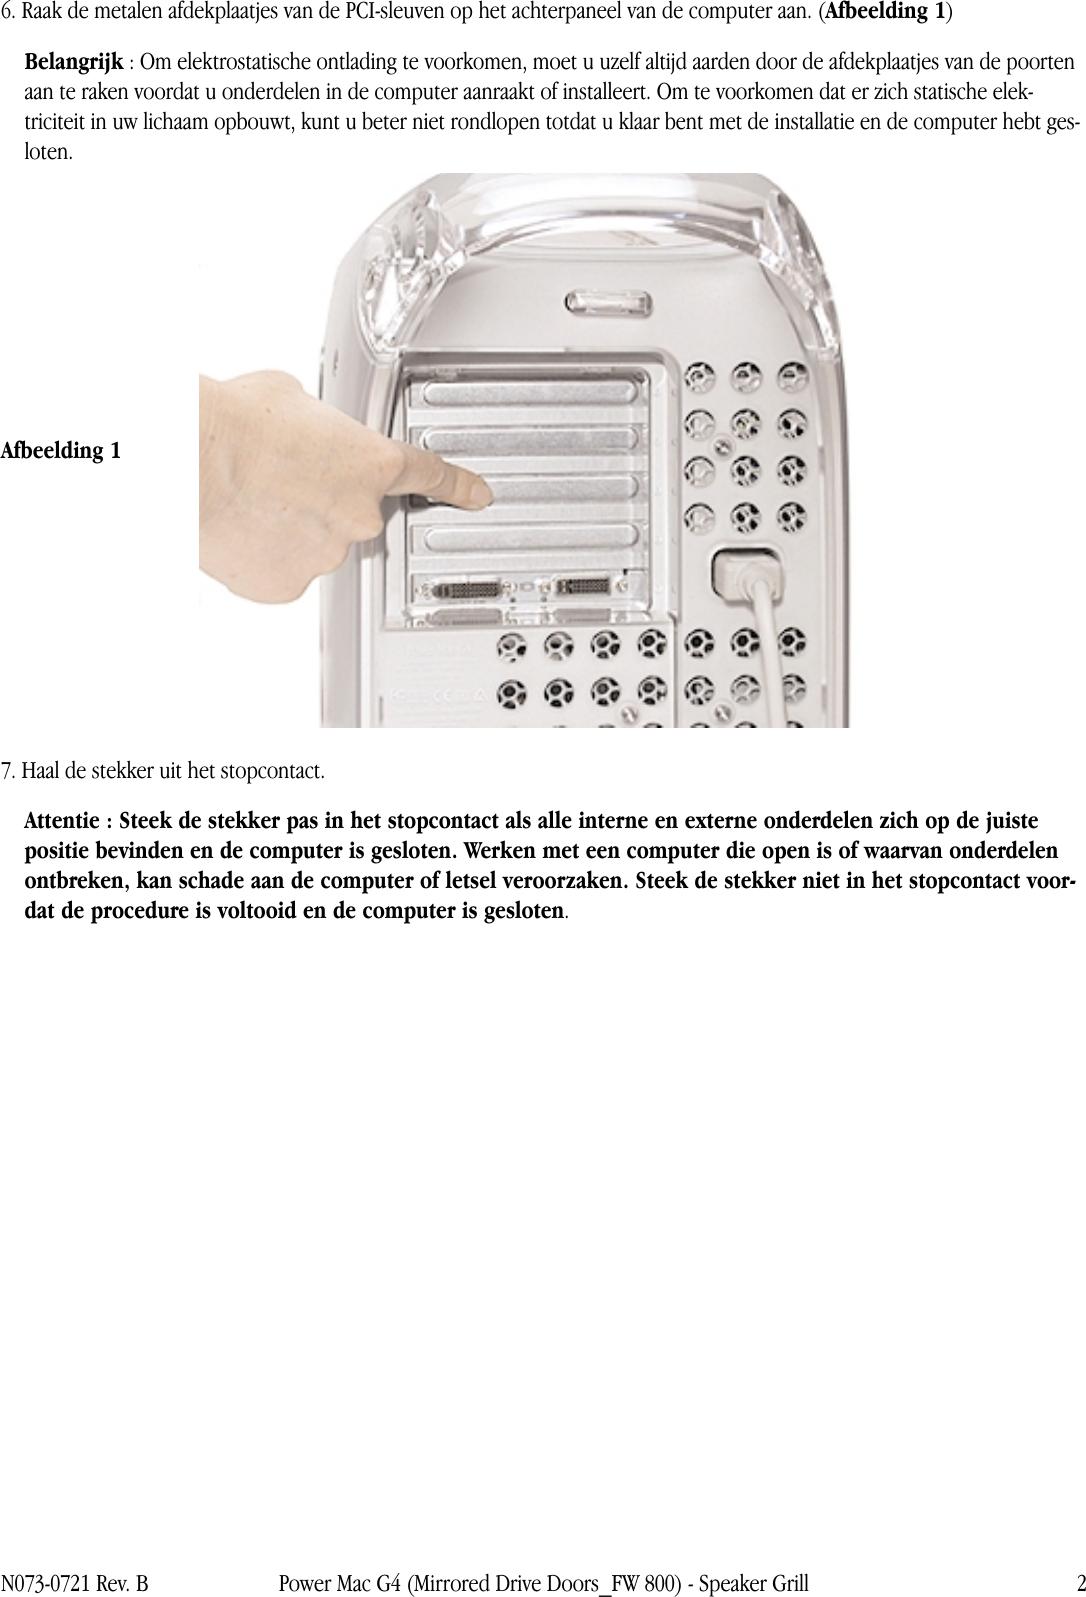 Spiegel Op Je Computer.Apple Powermacg4 Spiegel Drivedeur Speaker Grill User